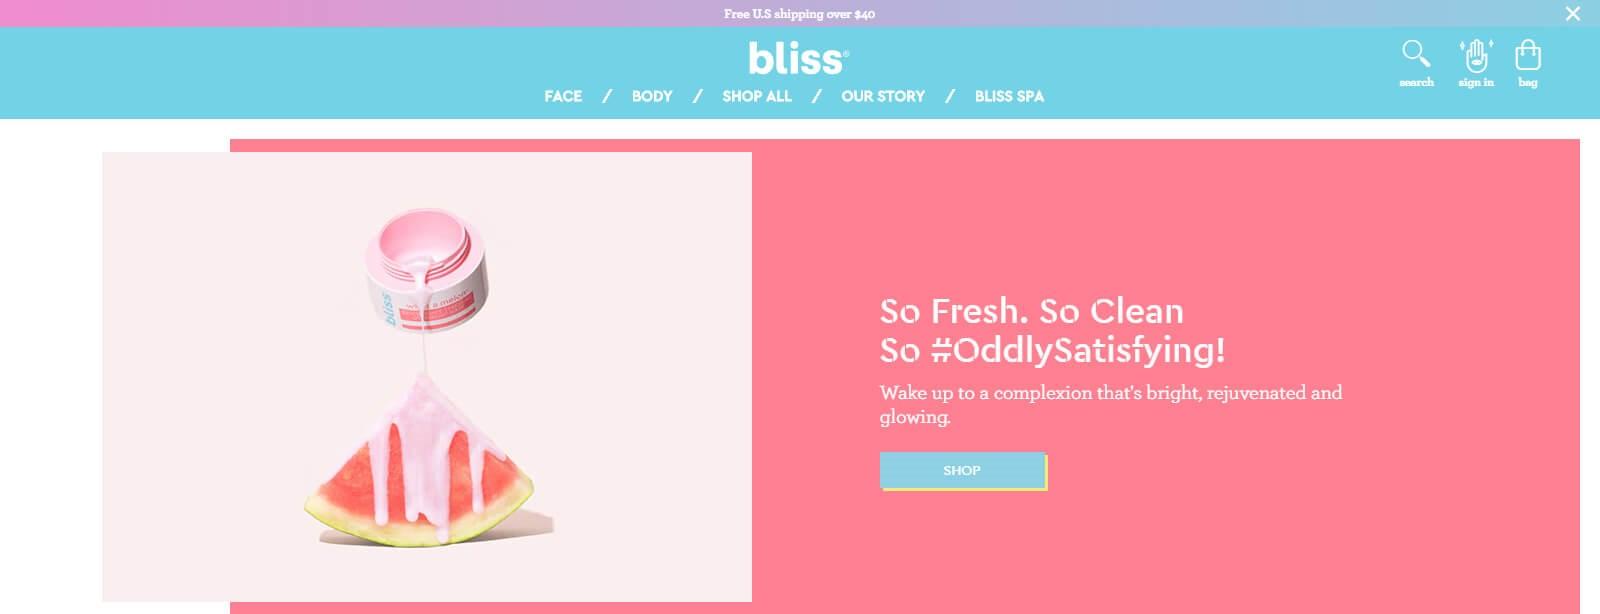 Screenshot of Bliss website